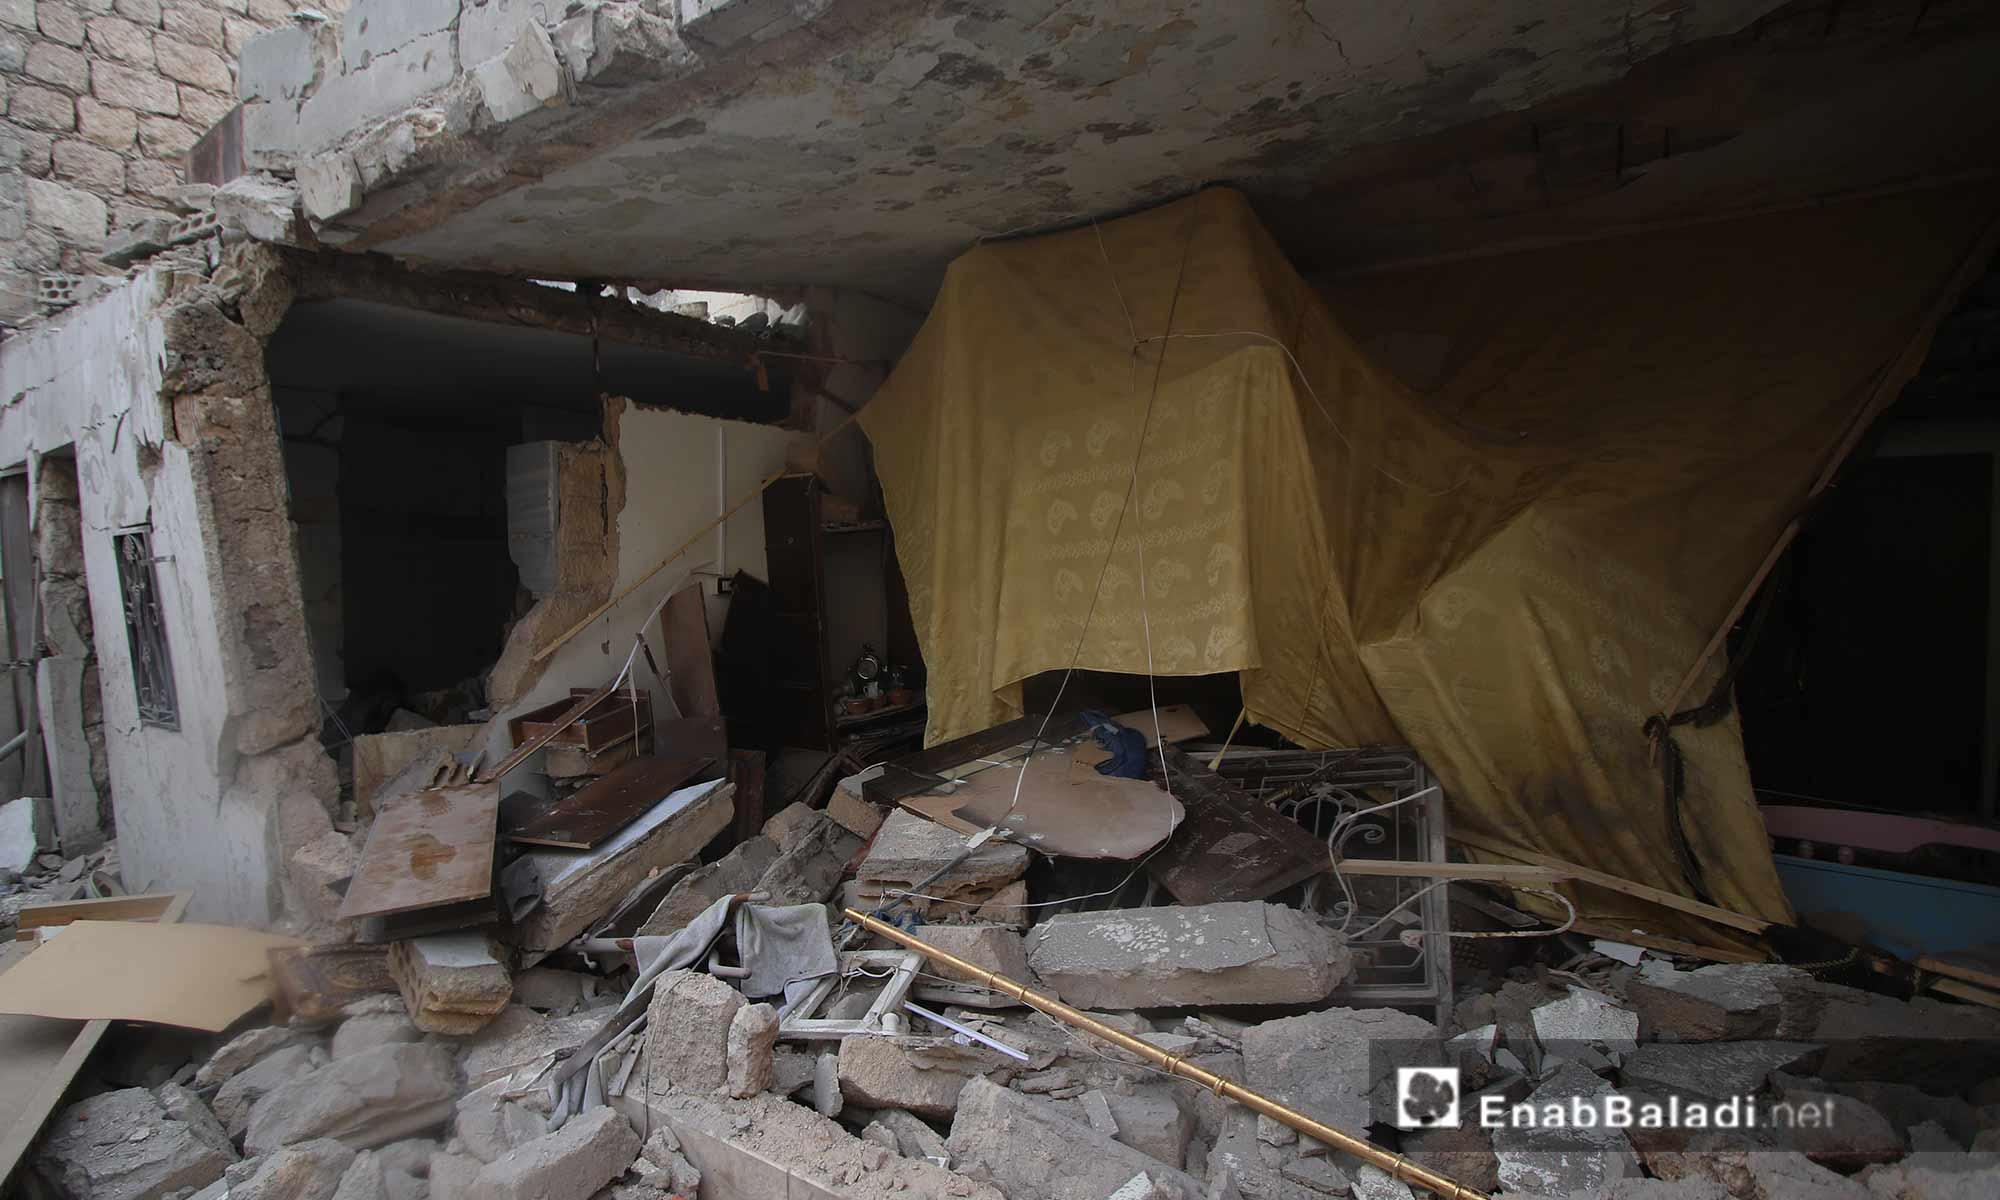 آثار قصف الطيران الحربي على الأحياء السكنية والمراكز الخدمية في مدينة سراقب شرقي إدلب 10 آذار 2019 (عنب بلدي)